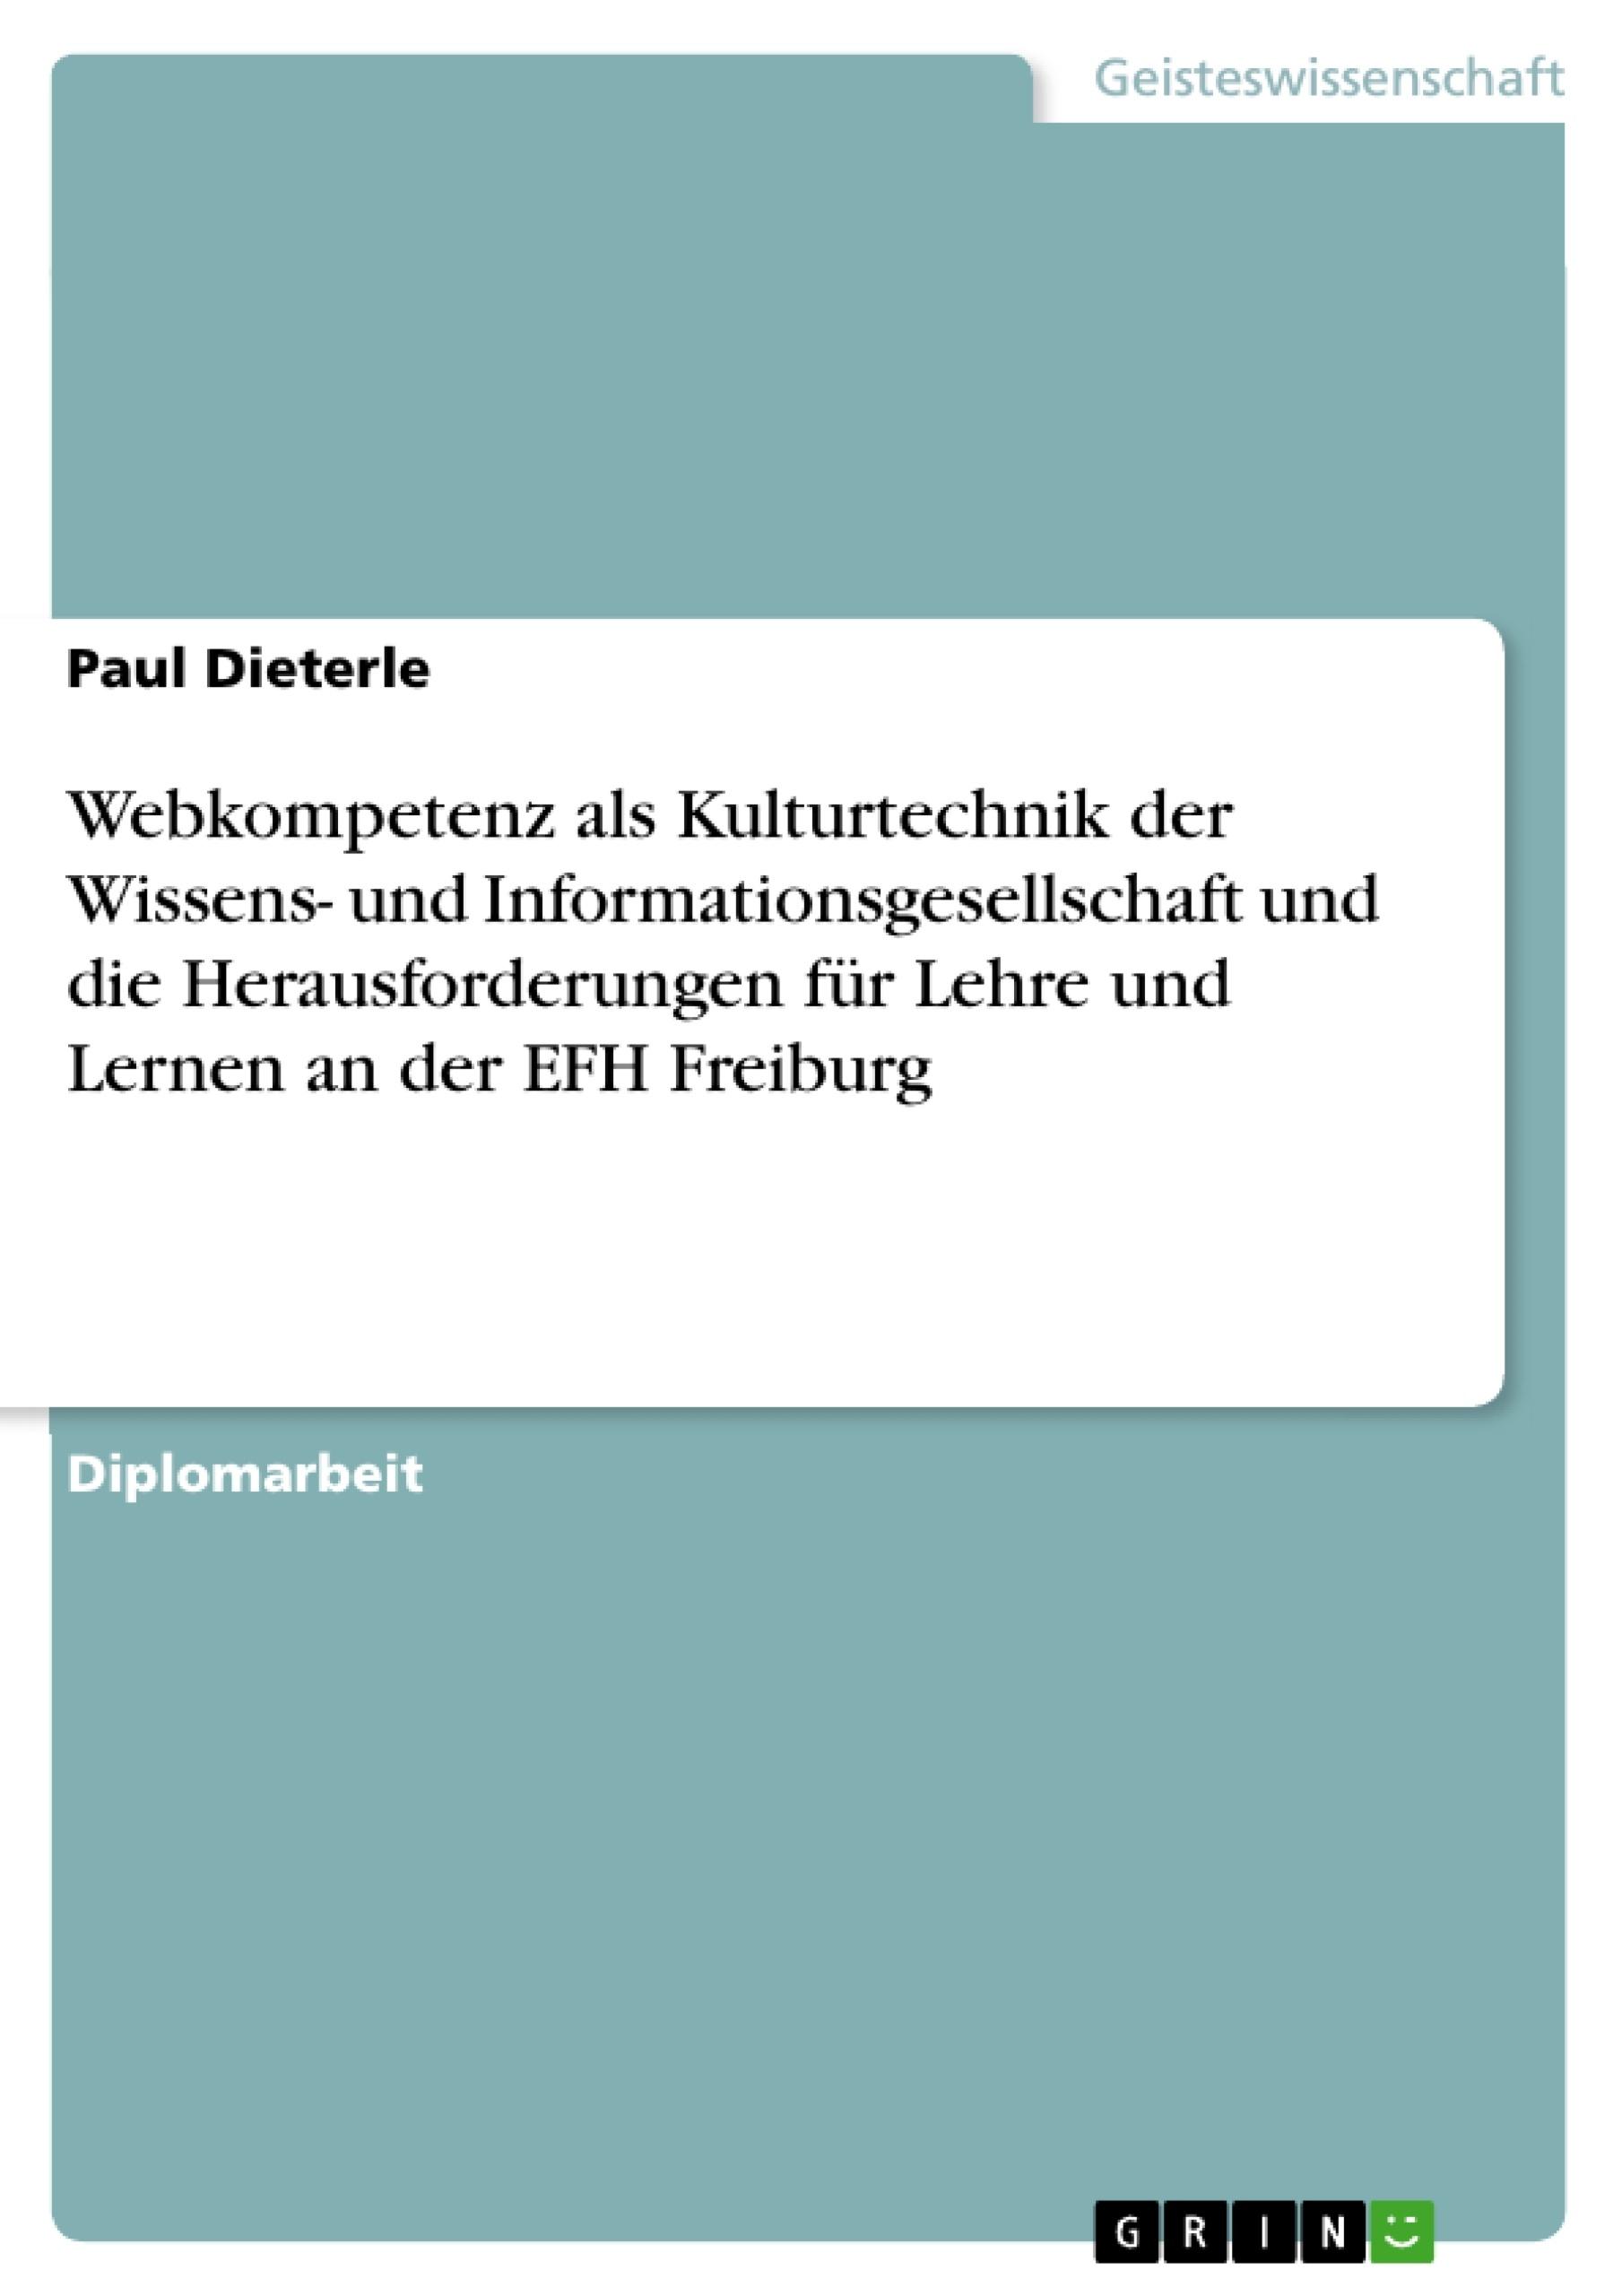 Titel: Webkompetenz als Kulturtechnik der Wissens- und Informationsgesellschaft und die Herausforderungen für Lehre und Lernen an der EFH Freiburg